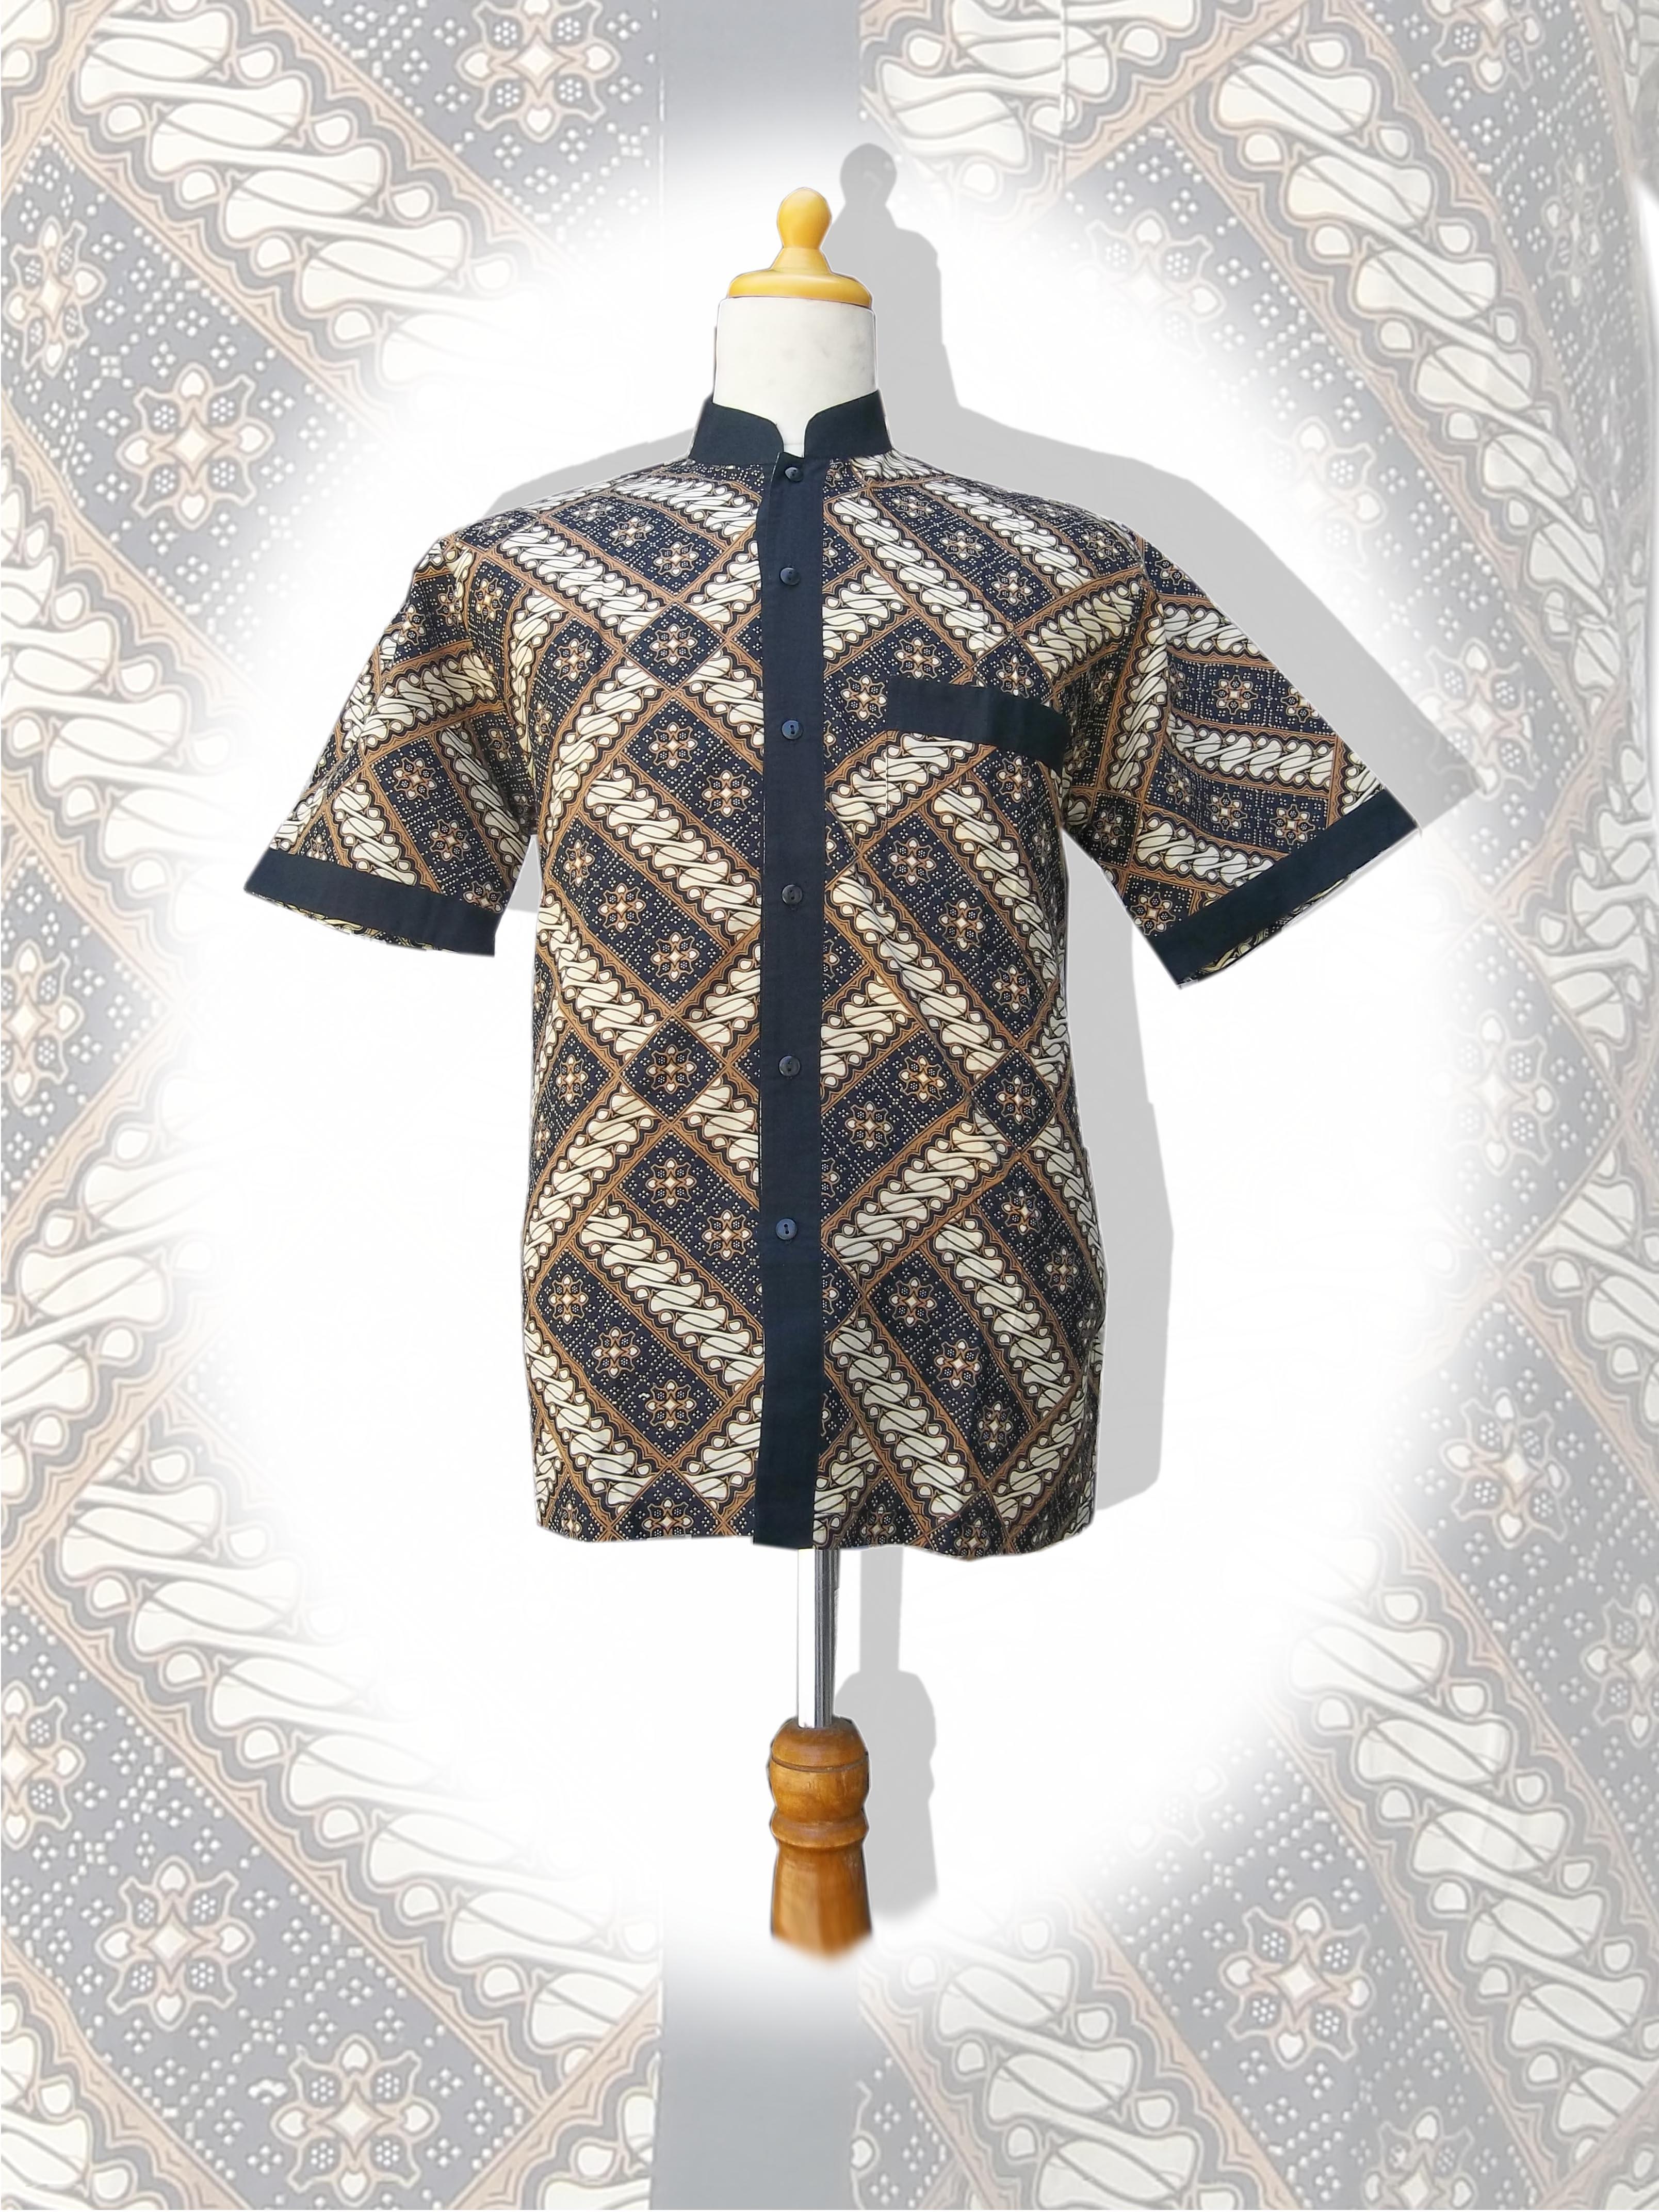 Permalink to Model Baju Batik Terbaru Wanita Potongan Harga